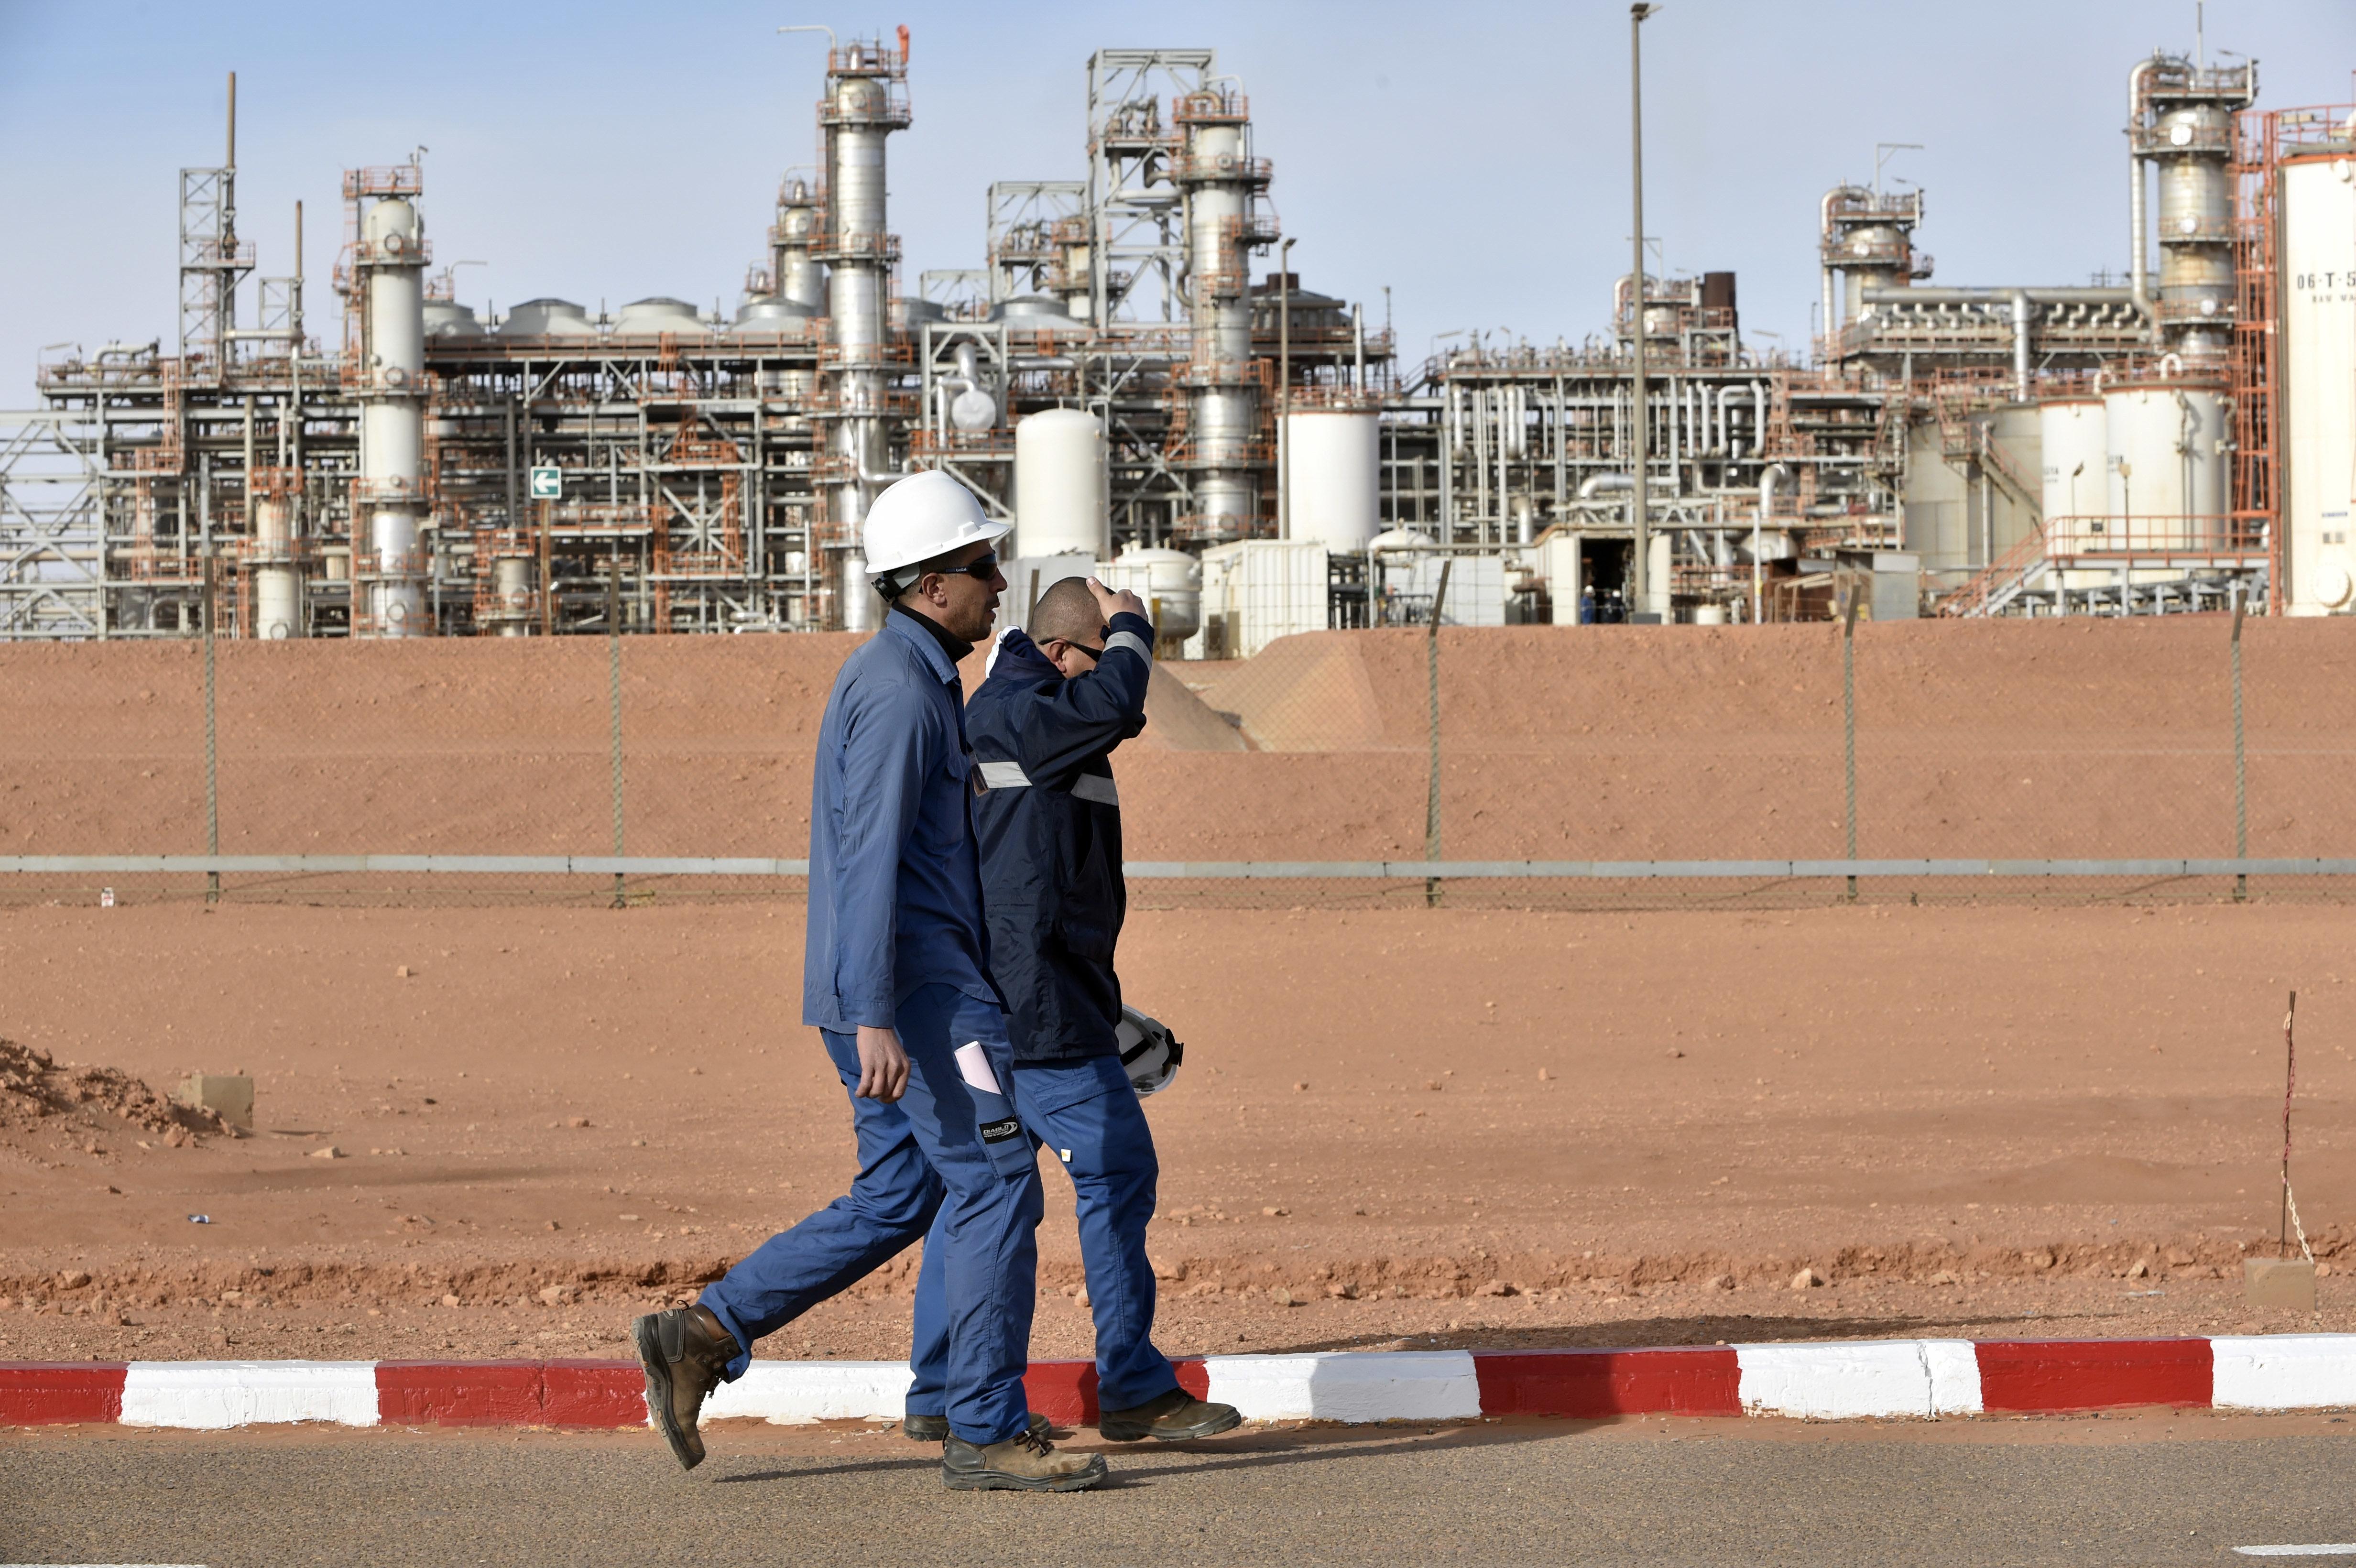 Production des hydrocarbures: quasi stabilité et hausse de la consommation énergétique en